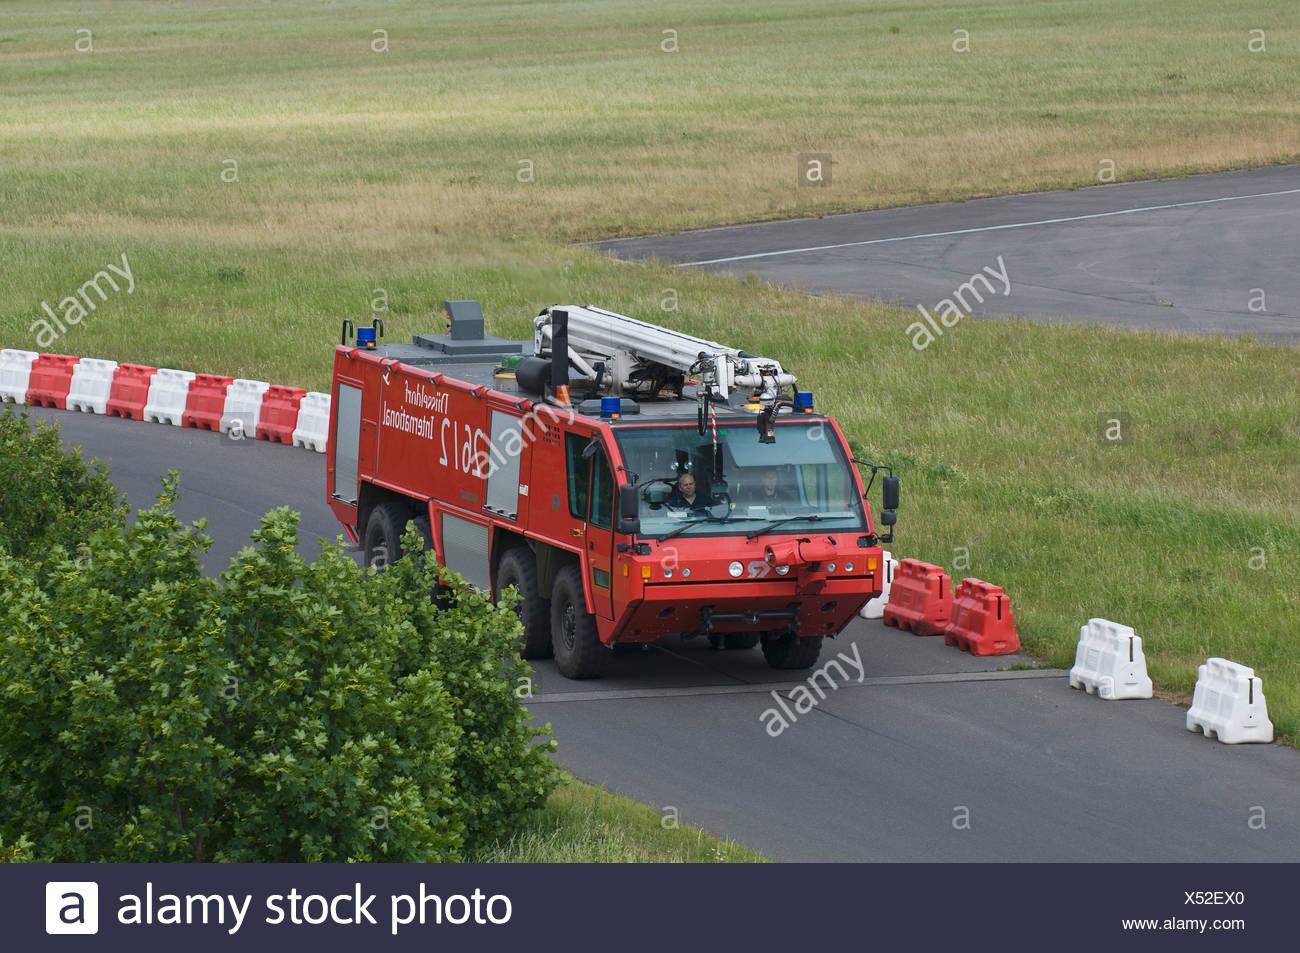 Einsatzfahrzeug der Feuerwehr, Flughafen Düsseldorf International, Düsseldorf, Nordrhein-Westfalen, Deutschland, Europa Stockbild